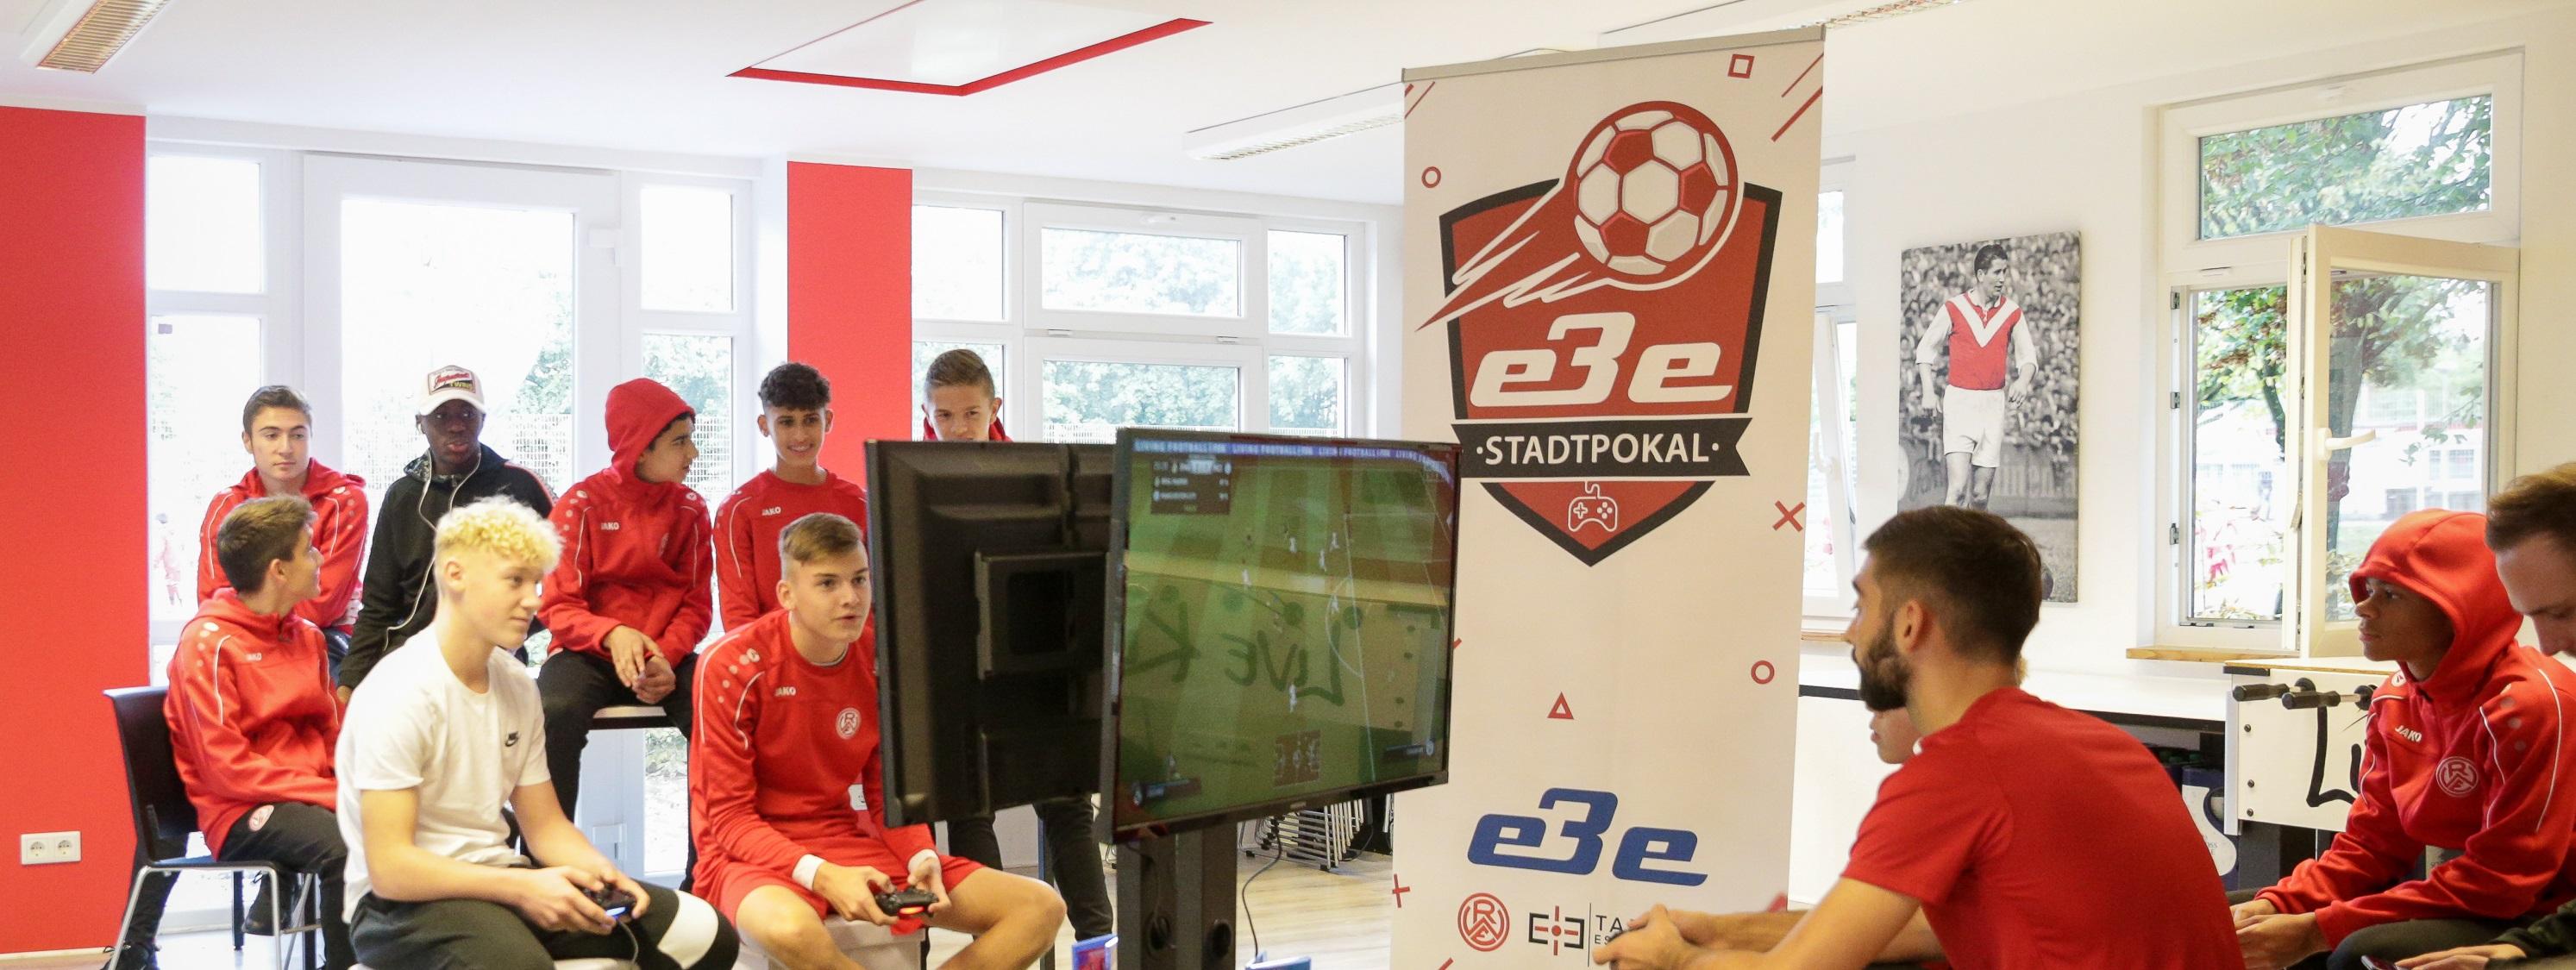 Rot-Weisse Nachwuchskicker tauschen kurzfristig das Gamepad gegen Fußballschuhe ein. (Foto: Endberg)